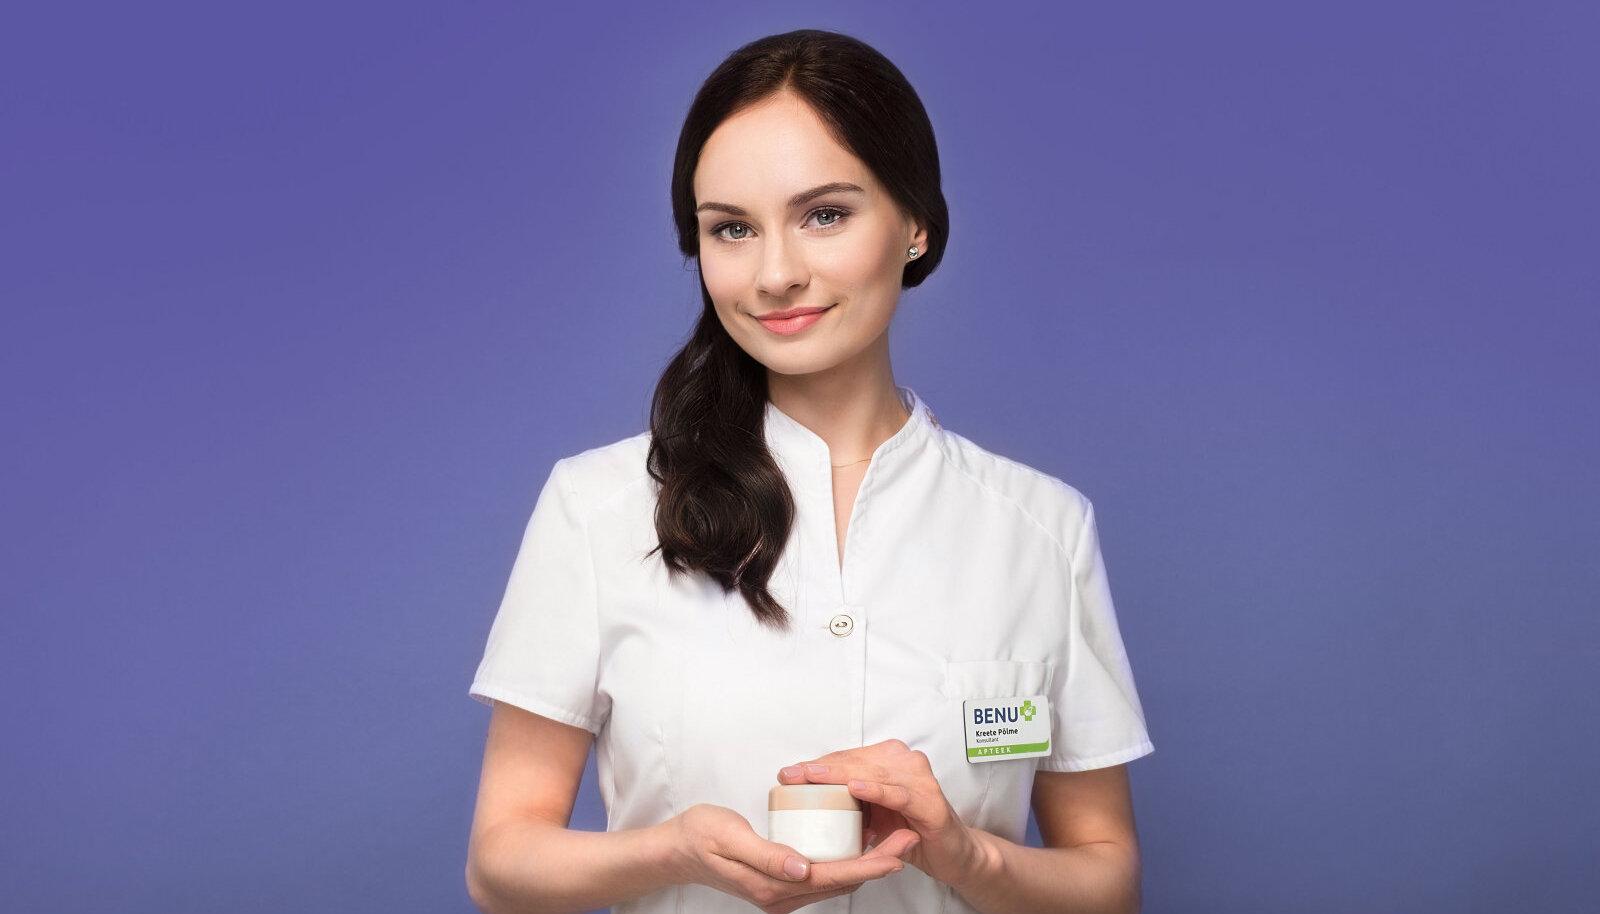 Benu apteekide kosmeetikakonsultant Kreete Põlme